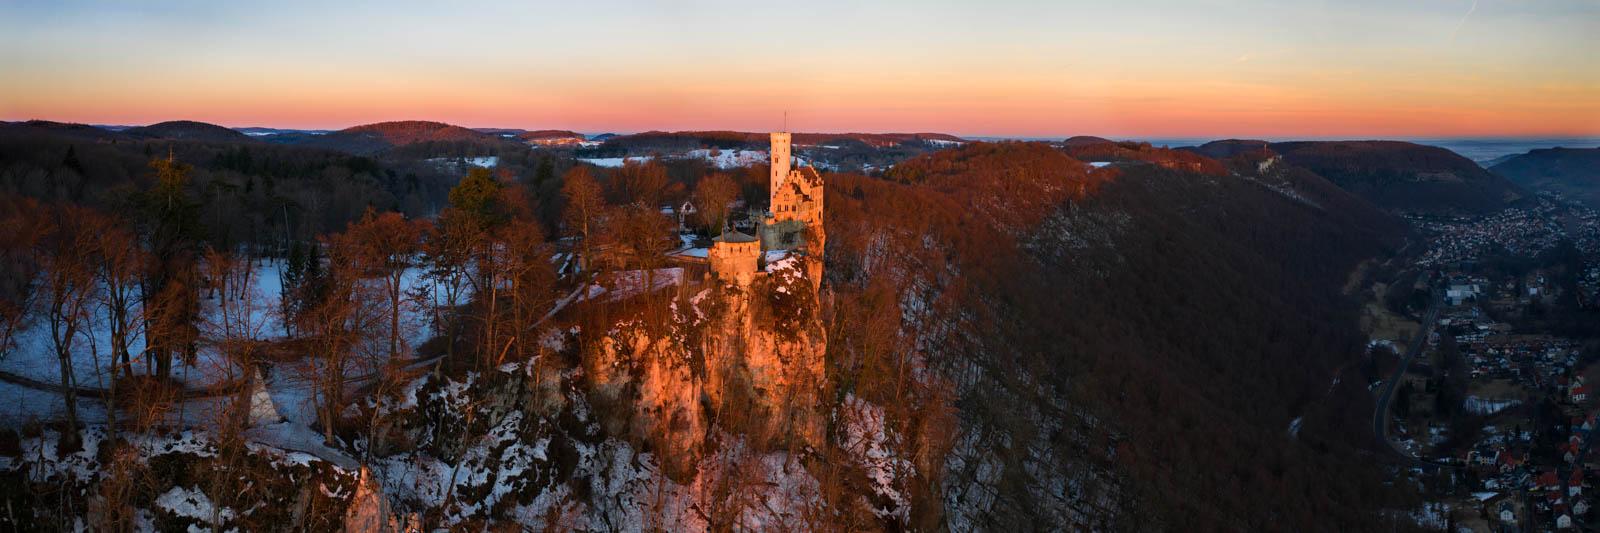 Schloss Lichtenstein im Morgenrot, Albtrauf, Drohne, Winter,